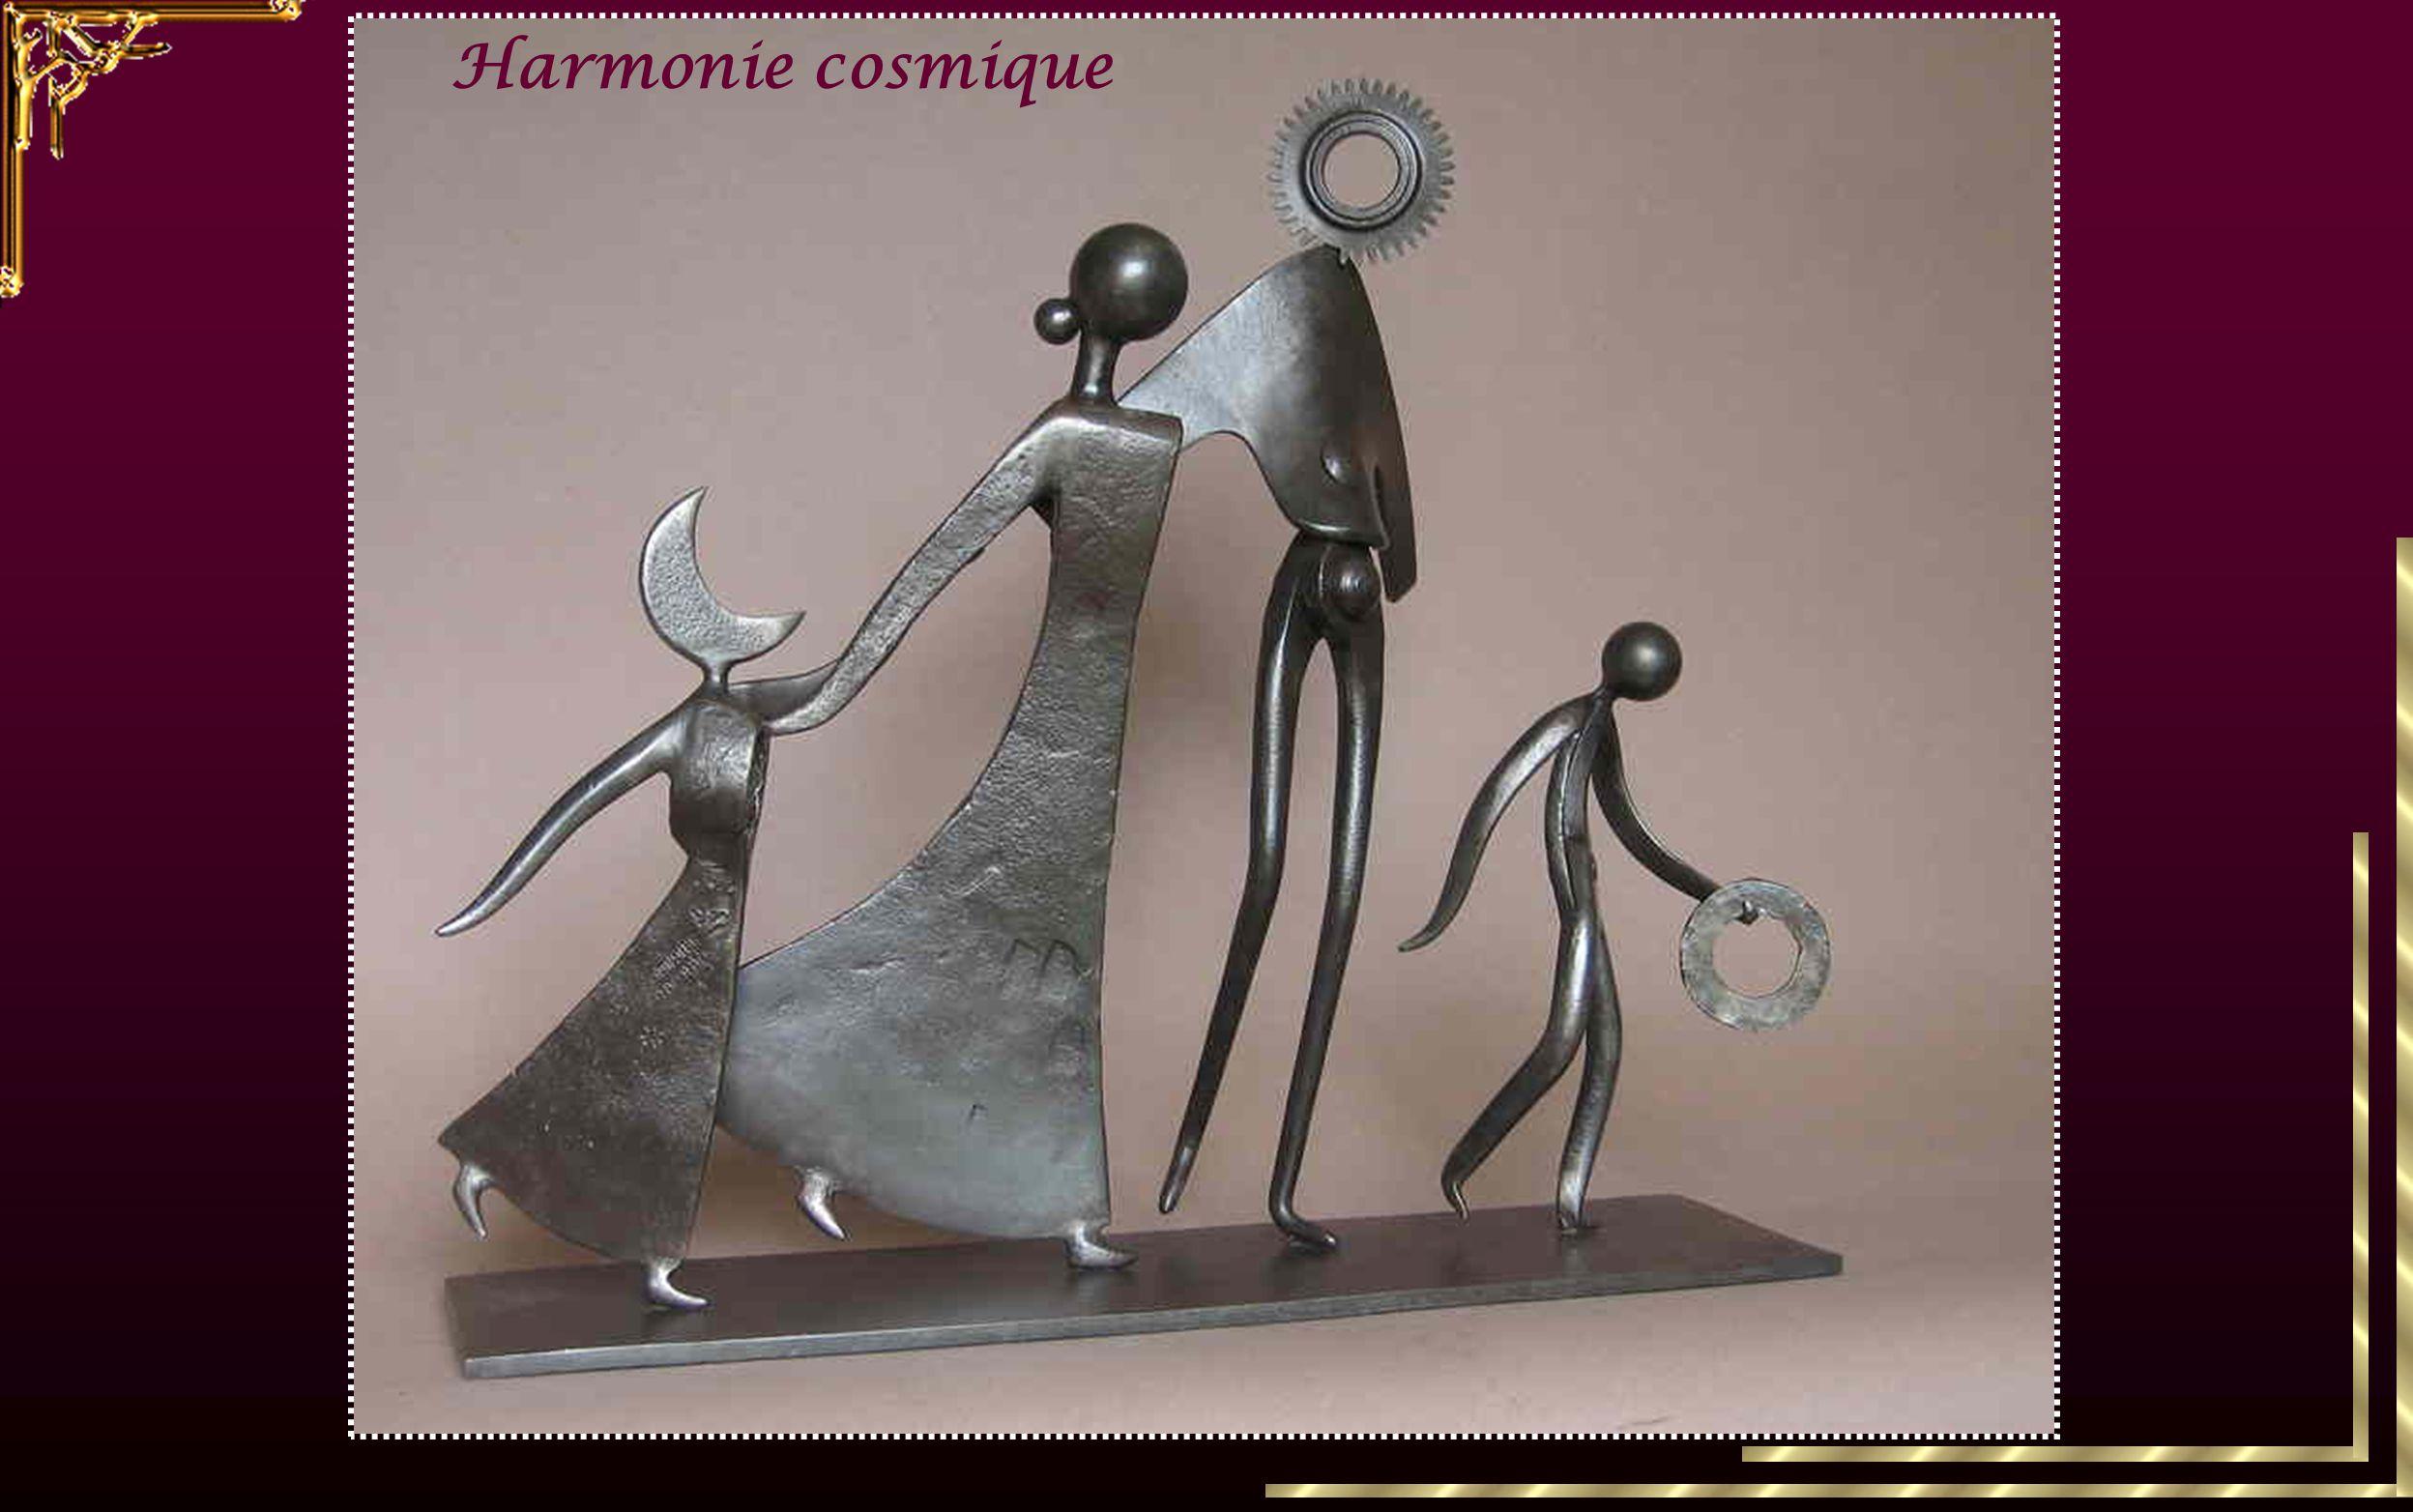 Harmonie cosmique